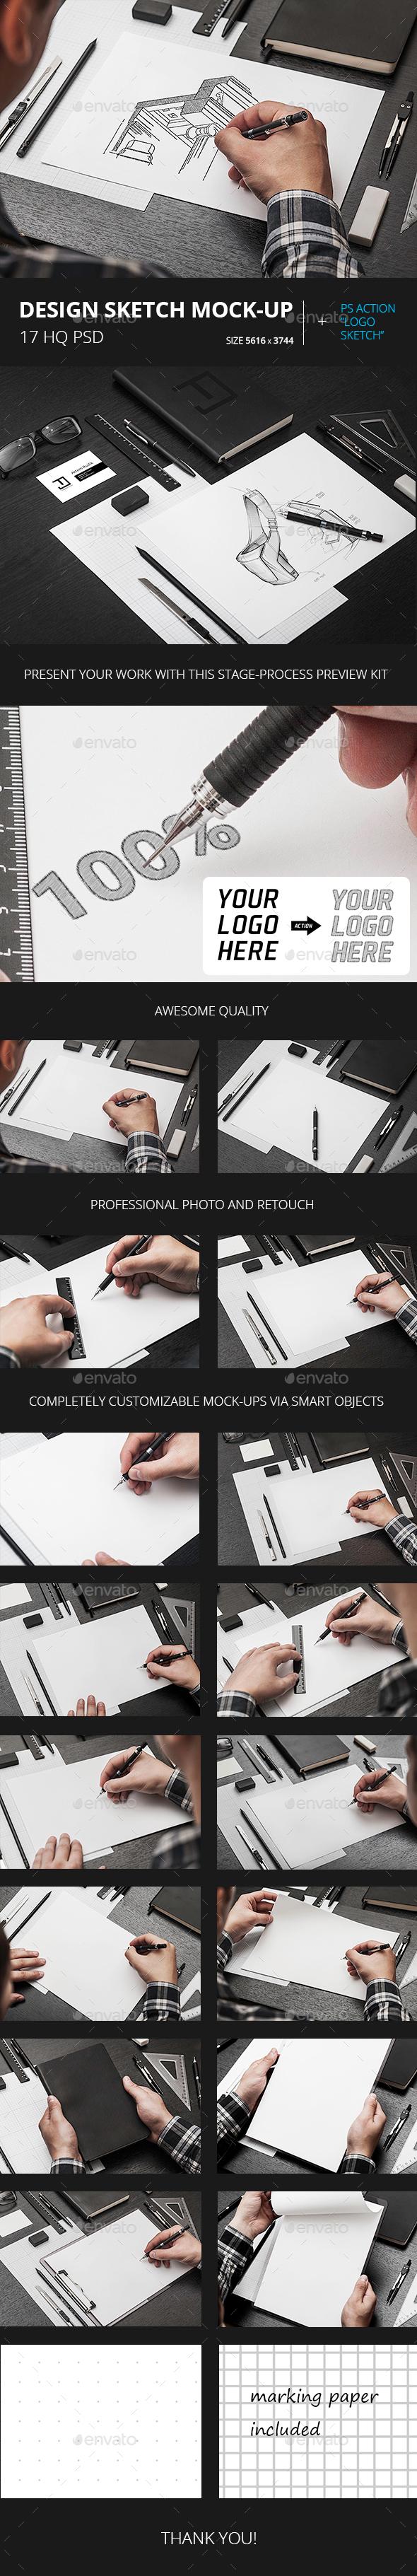 Design Sketch Mock-Up - Product Mock-Ups Graphics